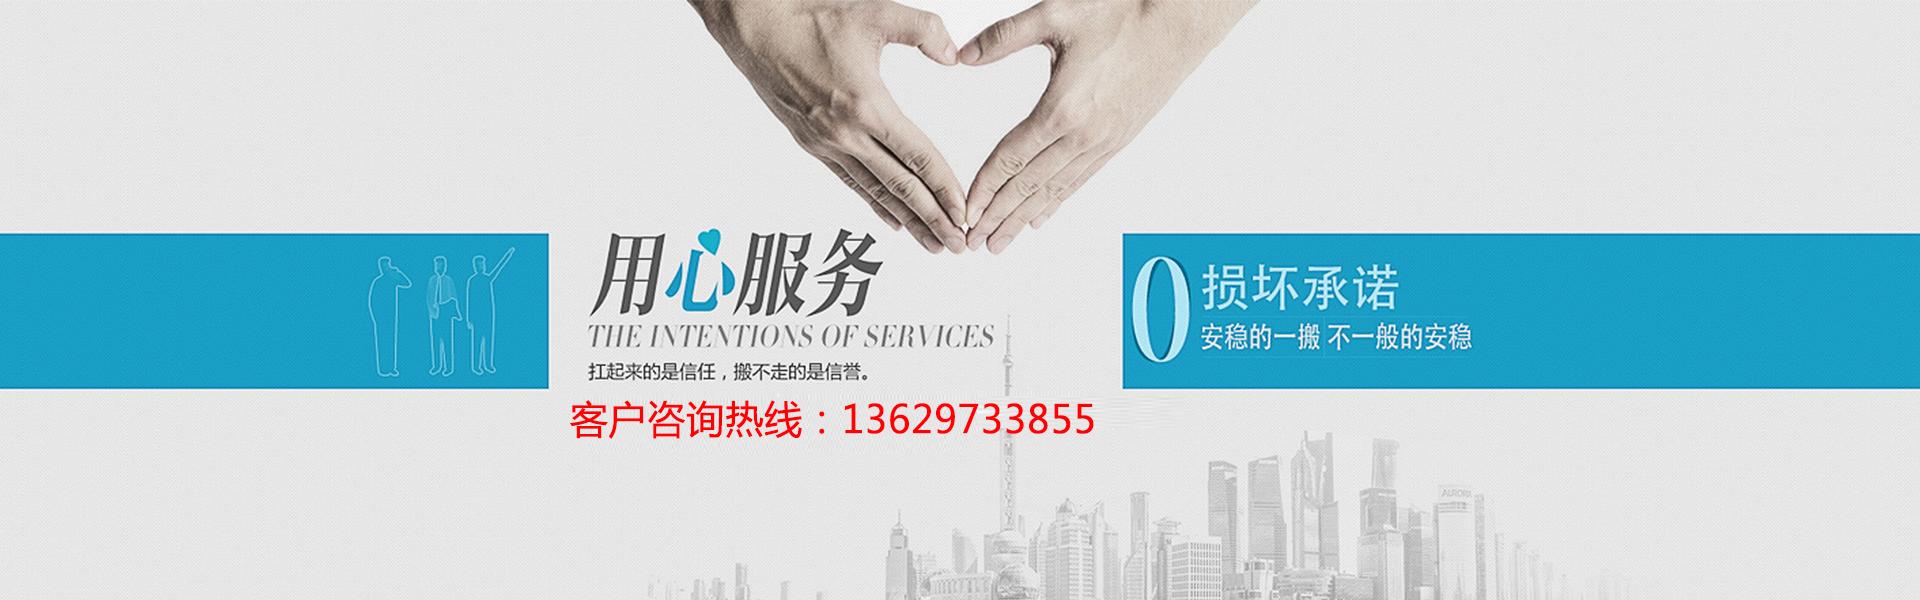 重庆搬家公司用心服务,0损坏承诺